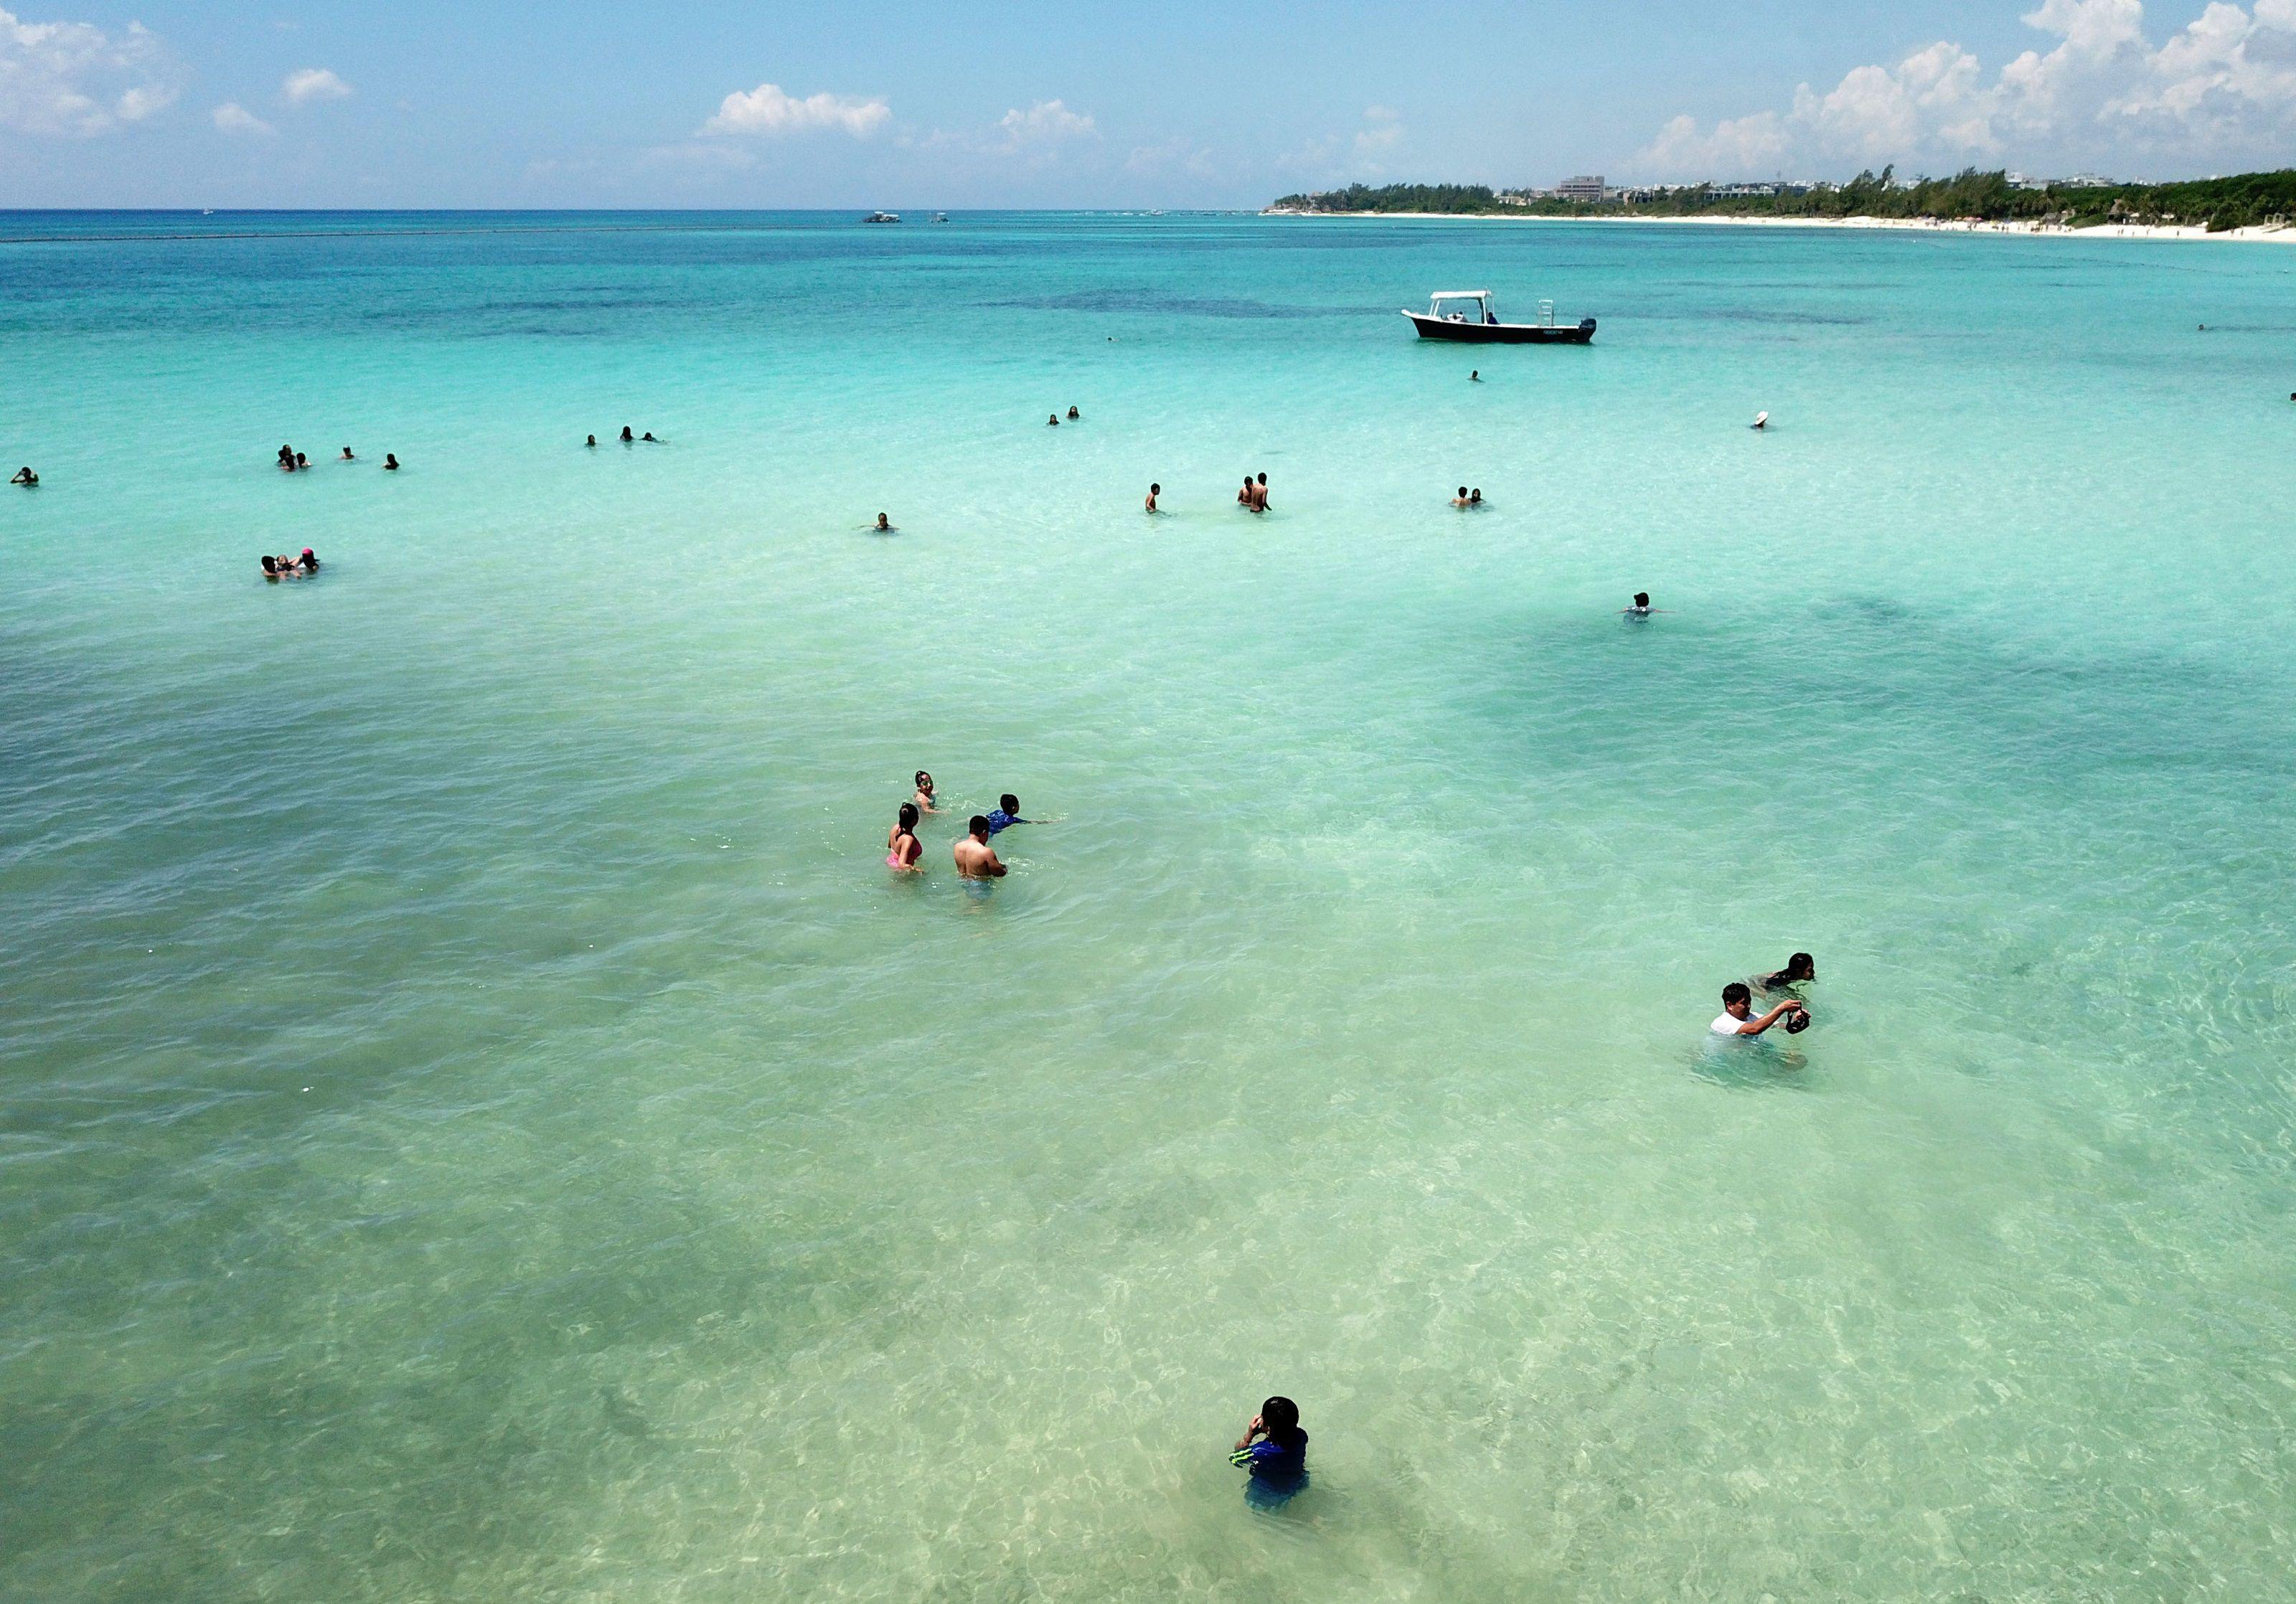 Riviera Maya mexicana abre playas públicas en intento de reactivar economía